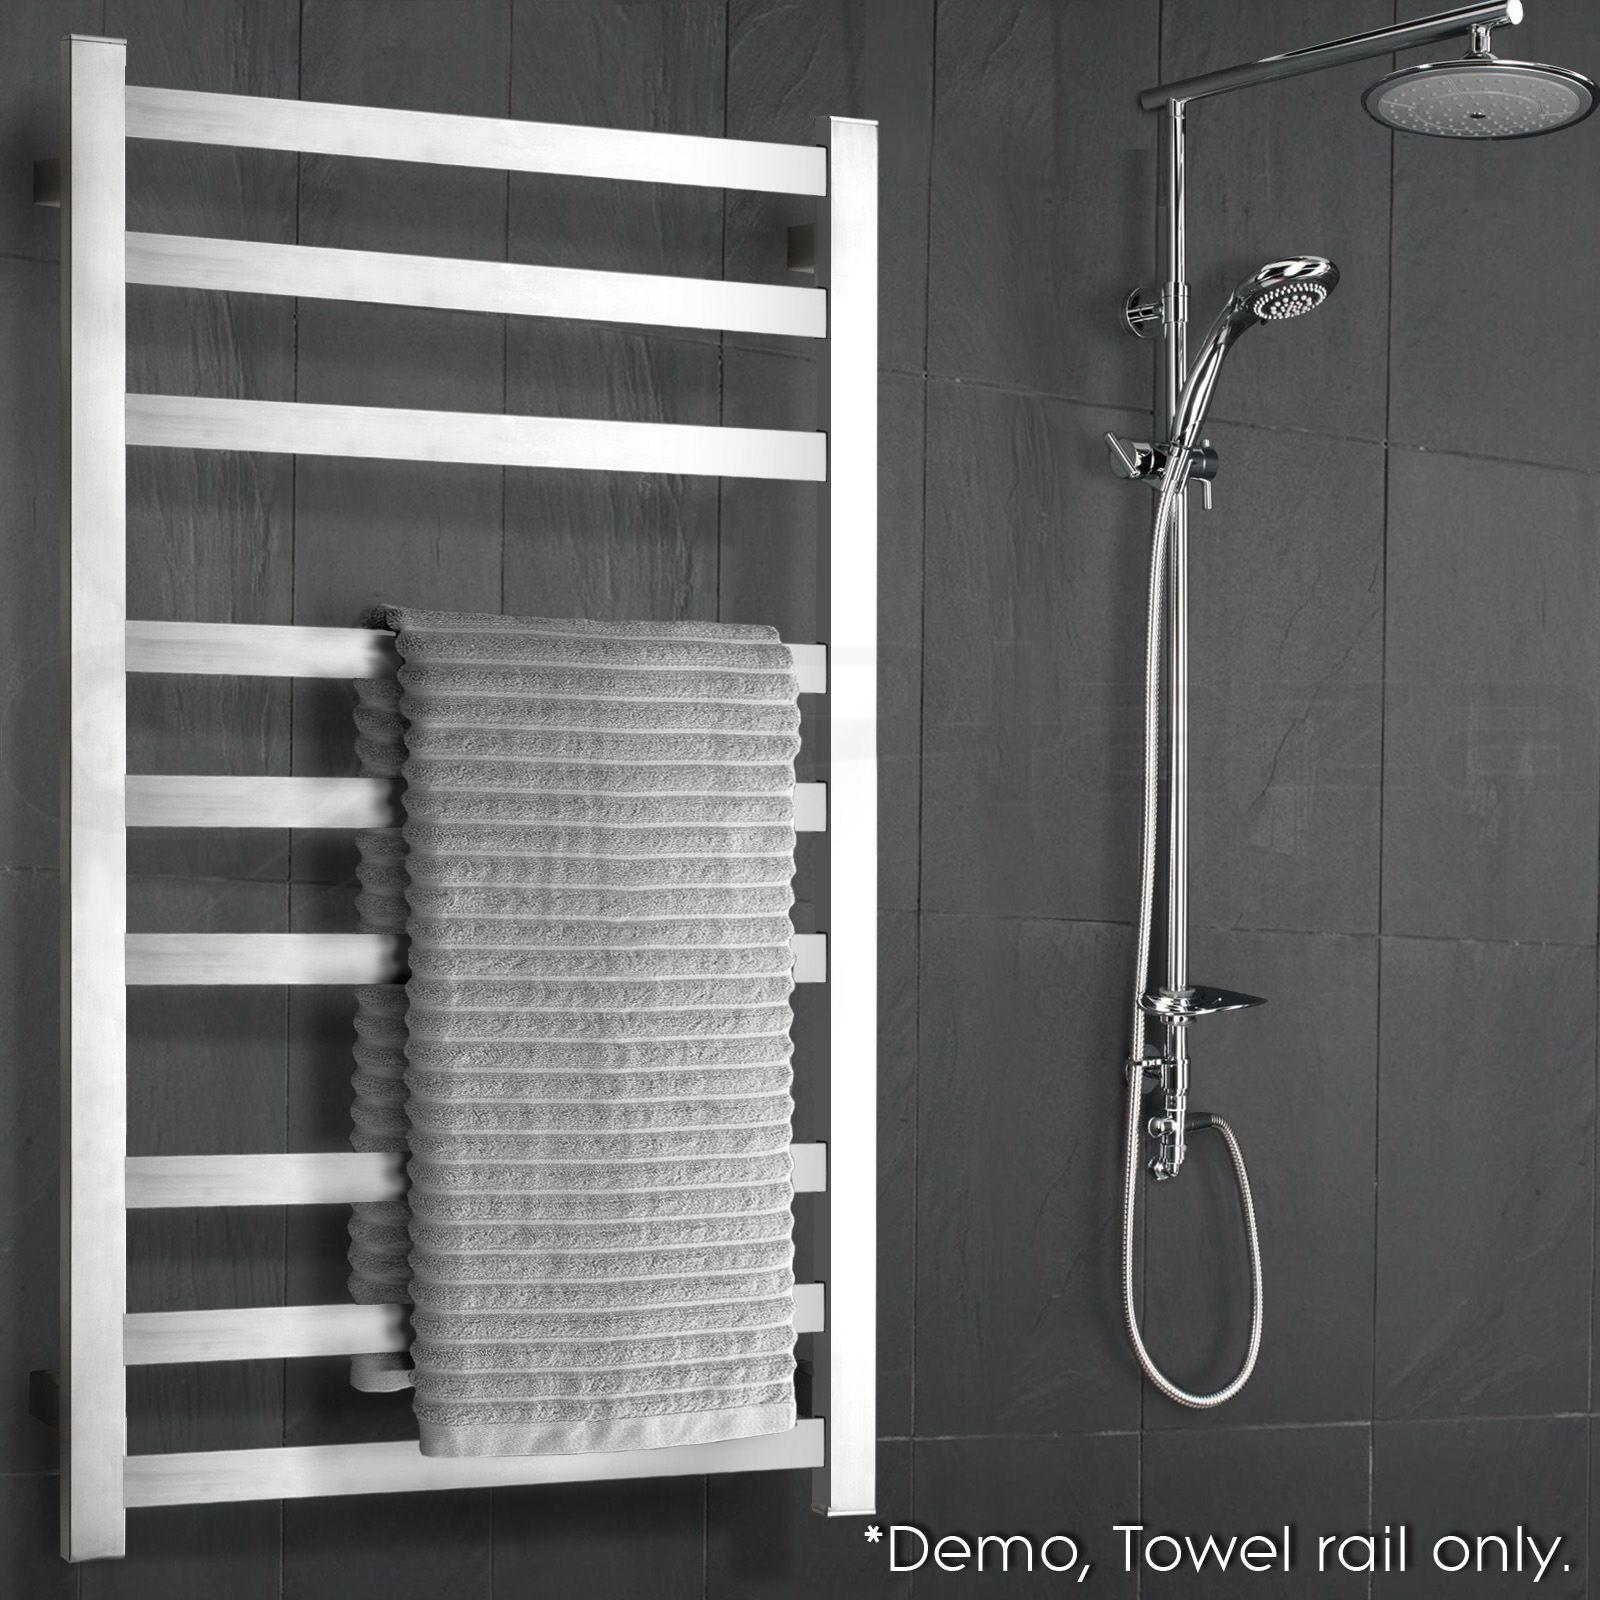 Electric Bathroom Floor Heating: NEW Stainless Steel Electric Heated Towel Rail Rack